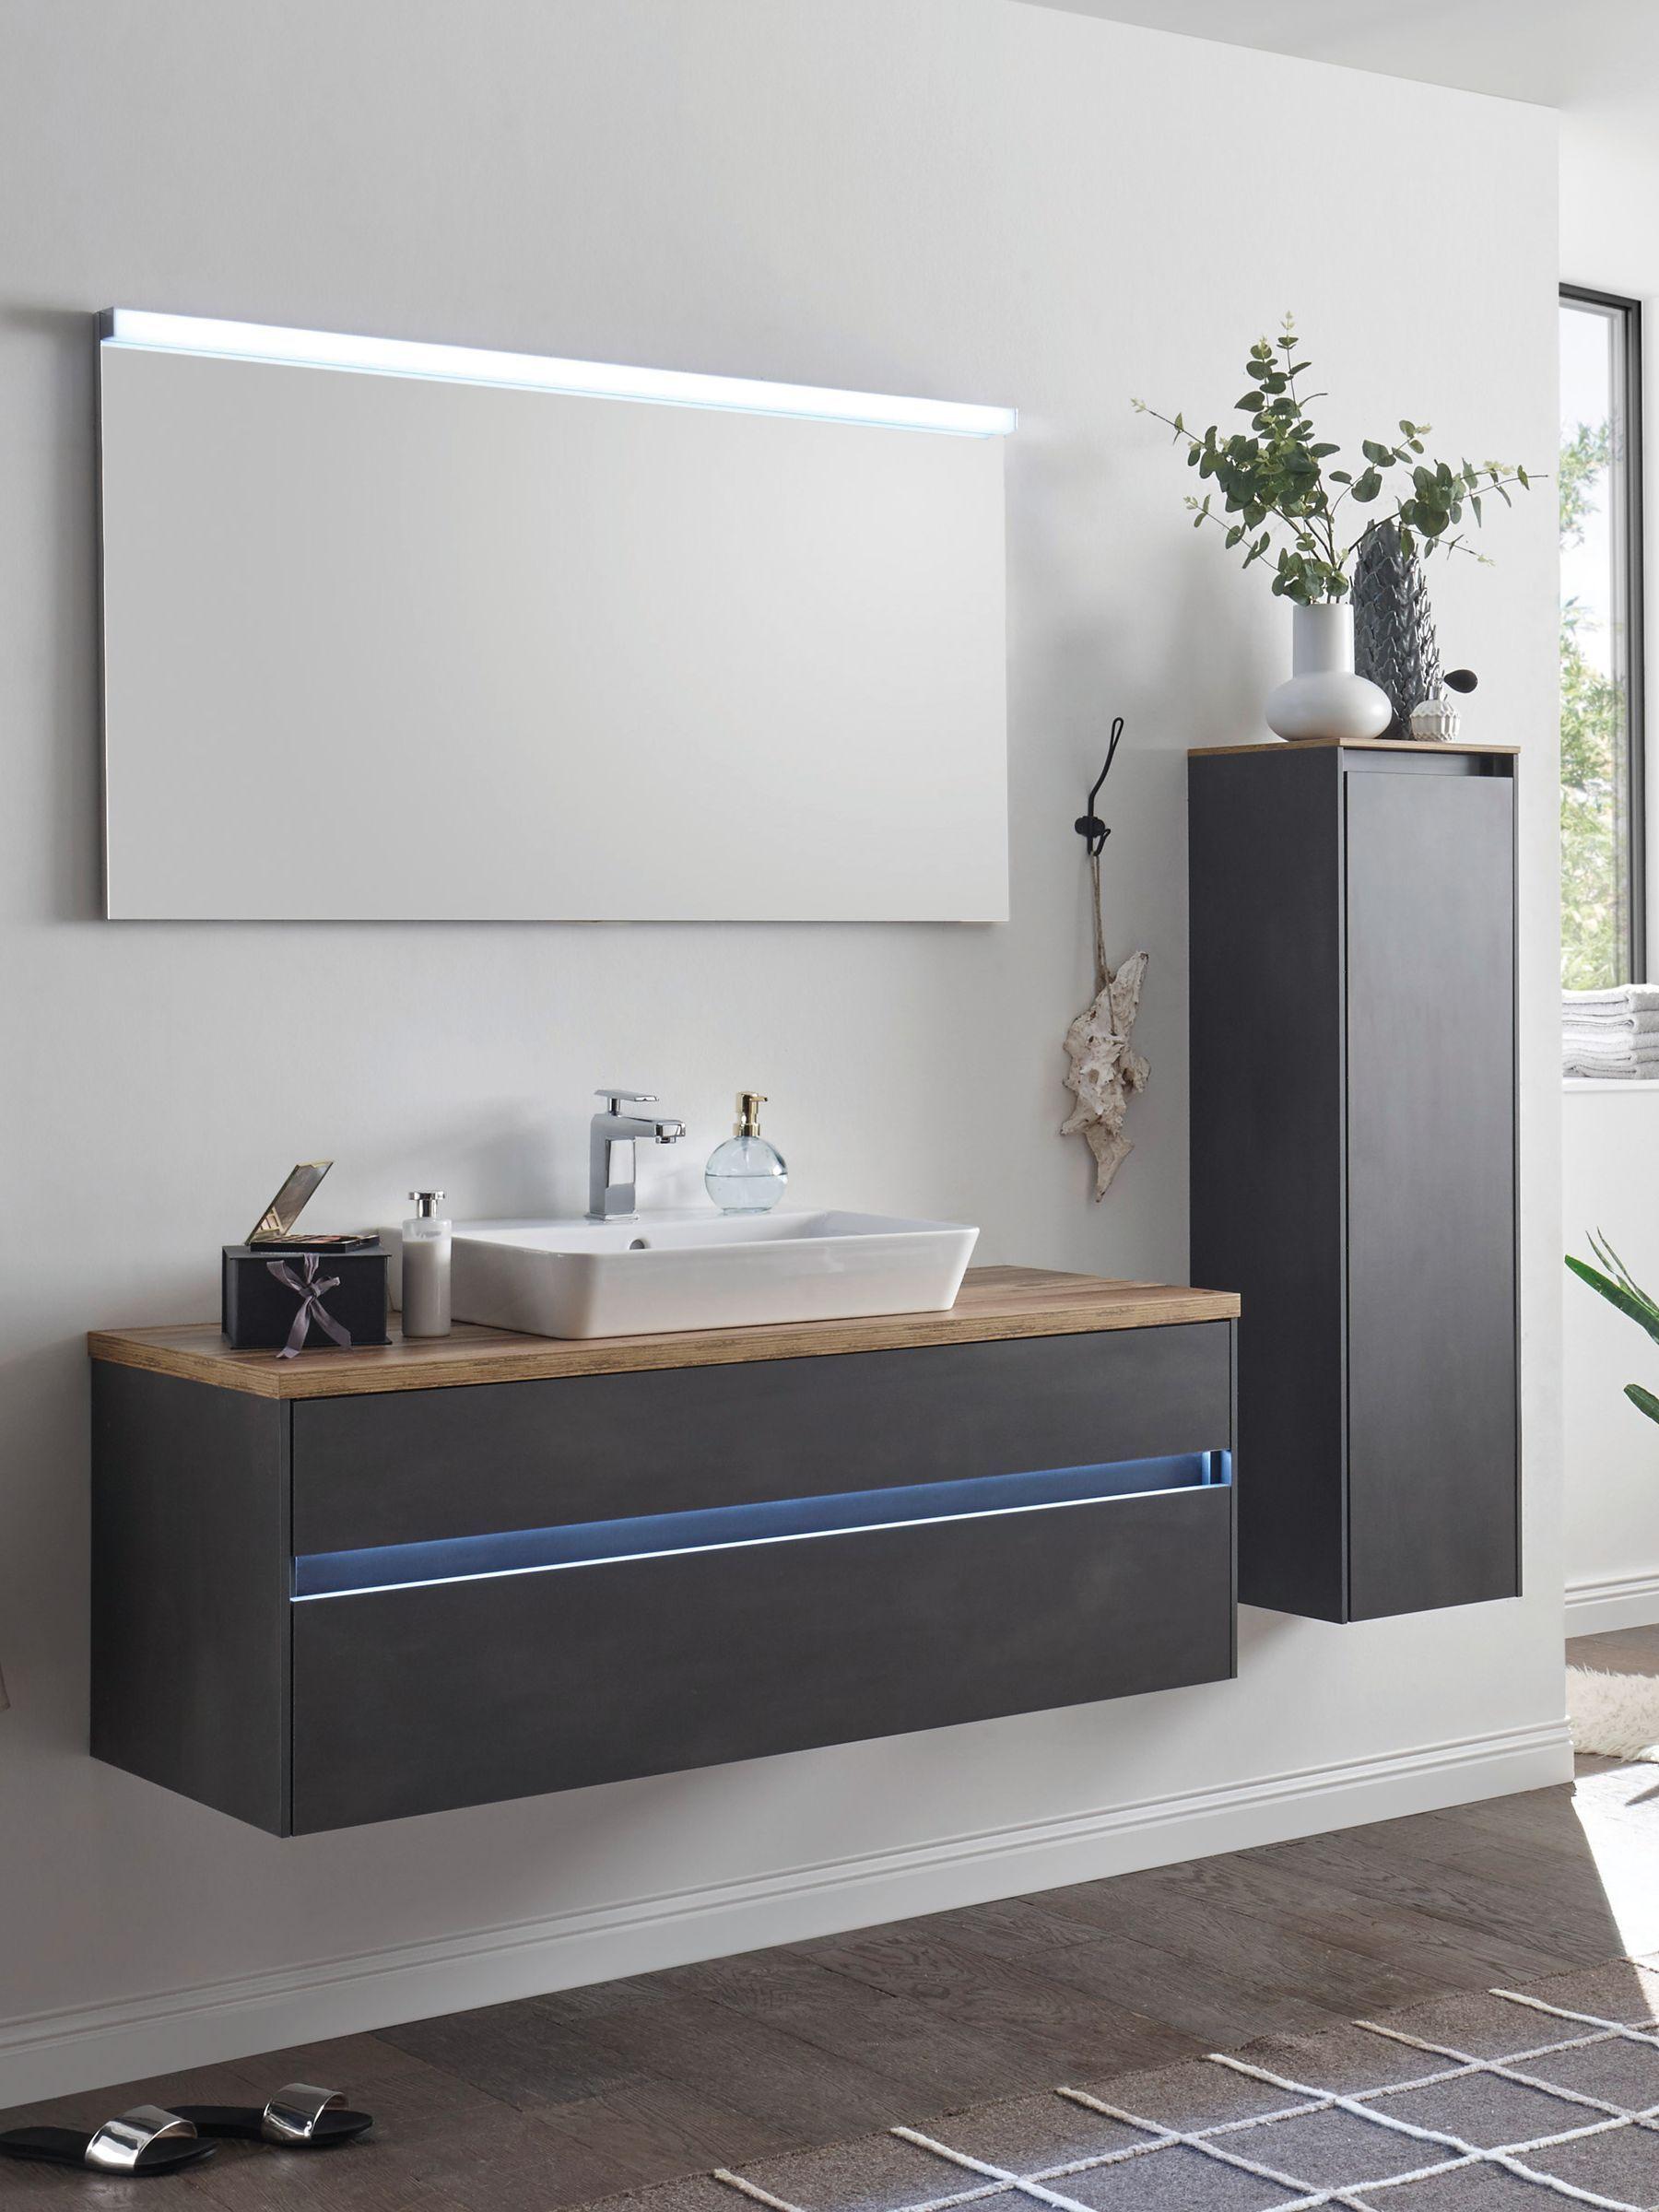 Badezimmerset Kenborg Udine Weisser Waschtisch Waschunterschrank Waschtisch